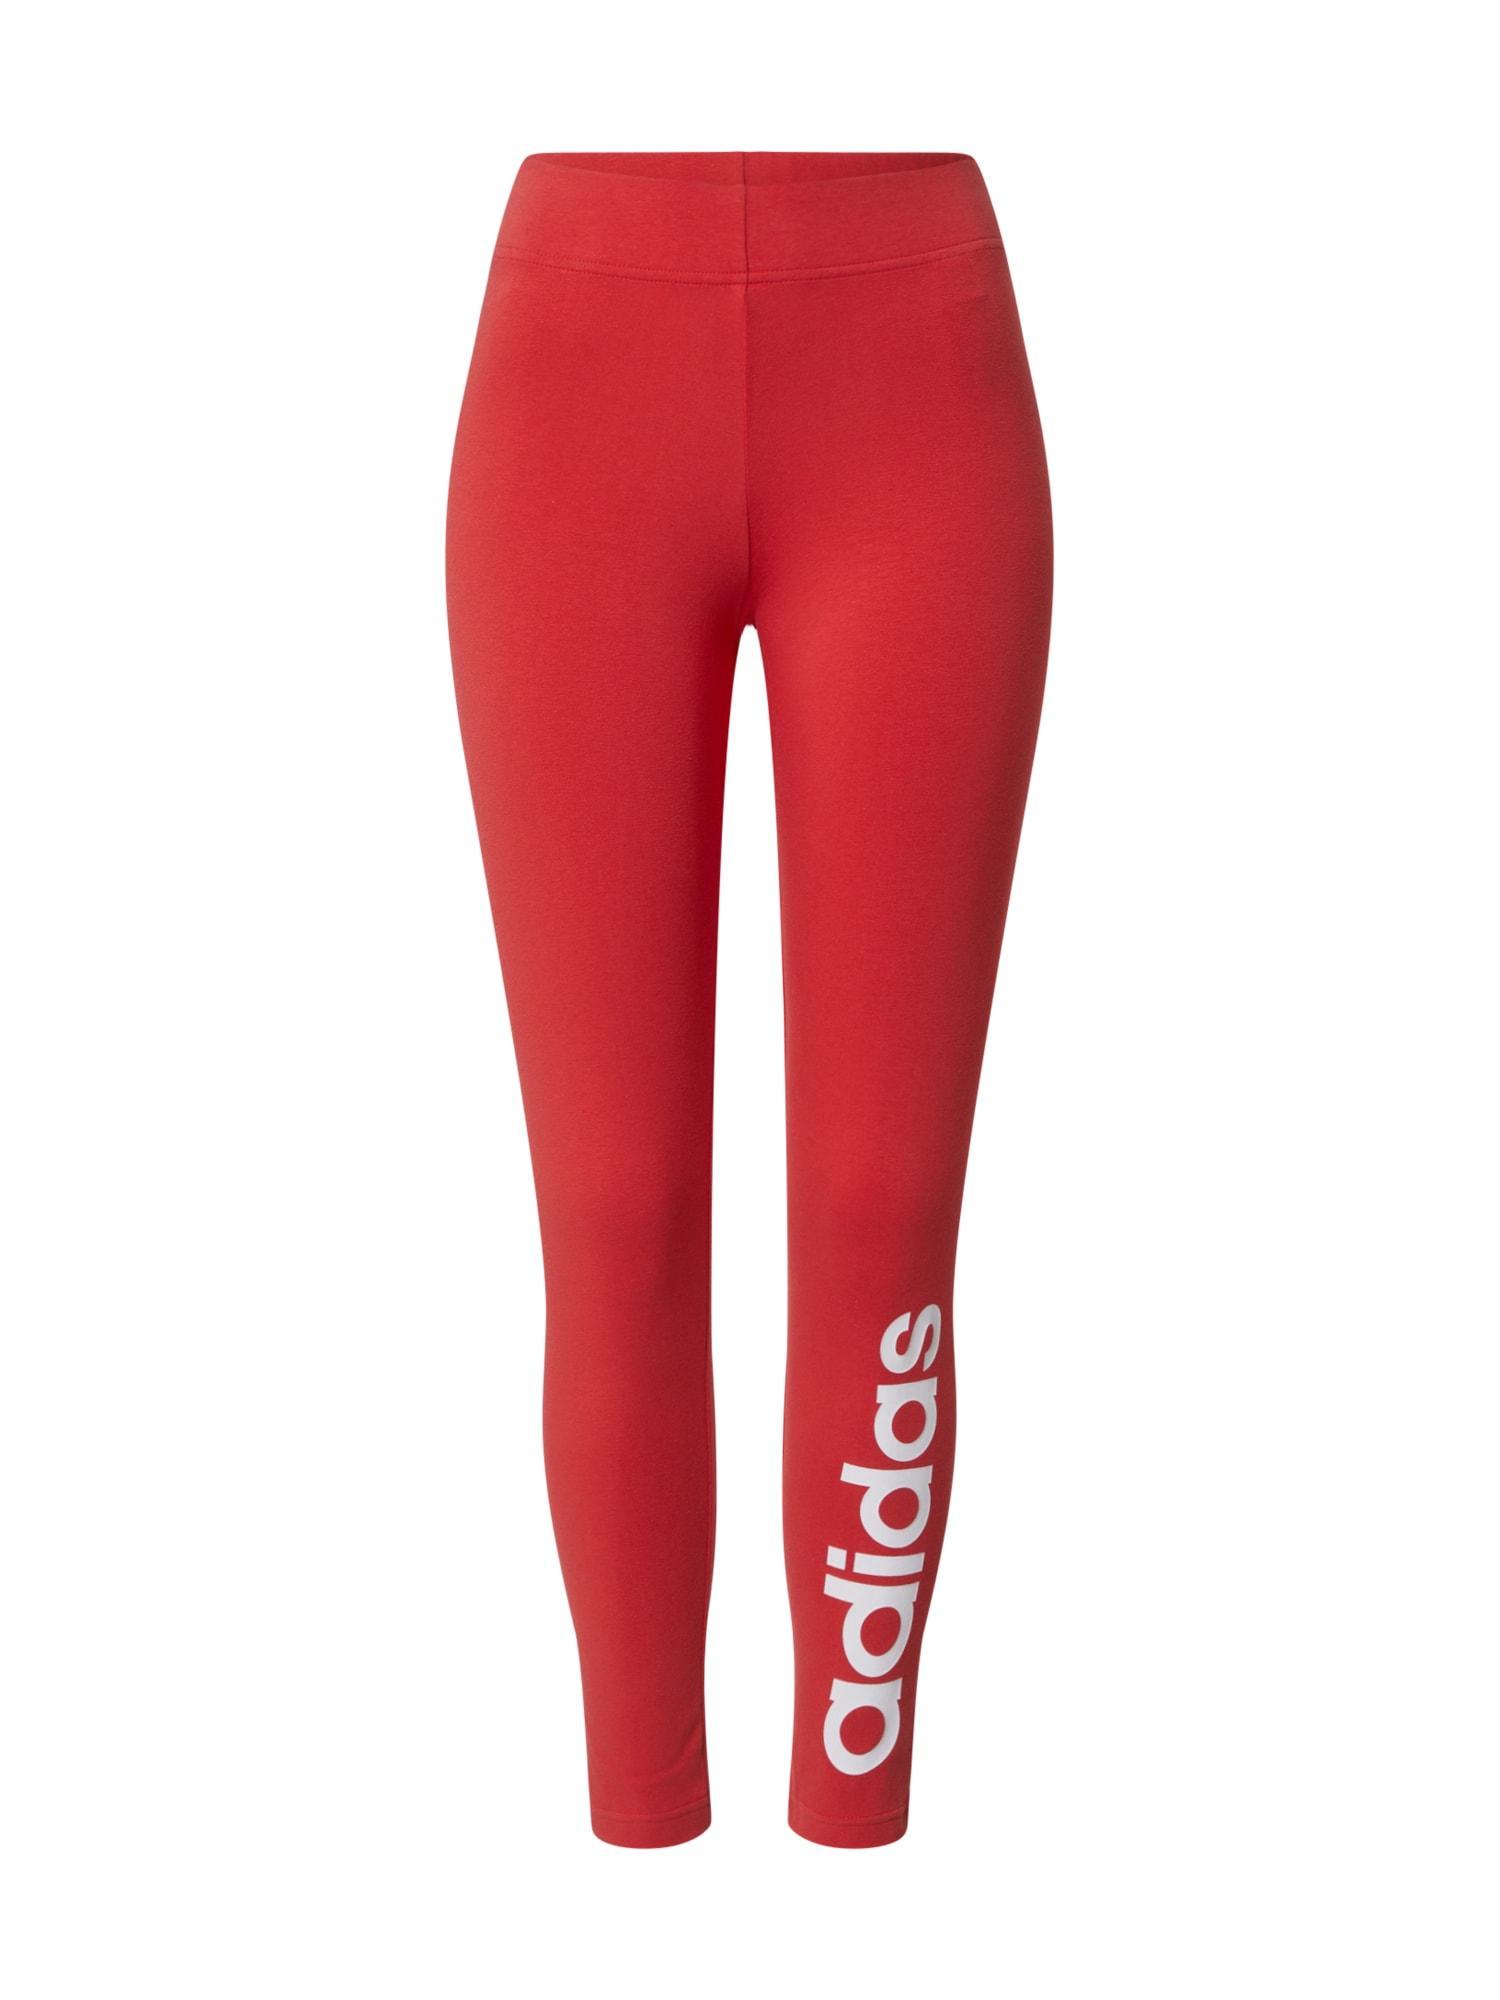 ADIDAS PERFORMANCE Sportinės kelnės 'W E LIN TIGHT' raudona